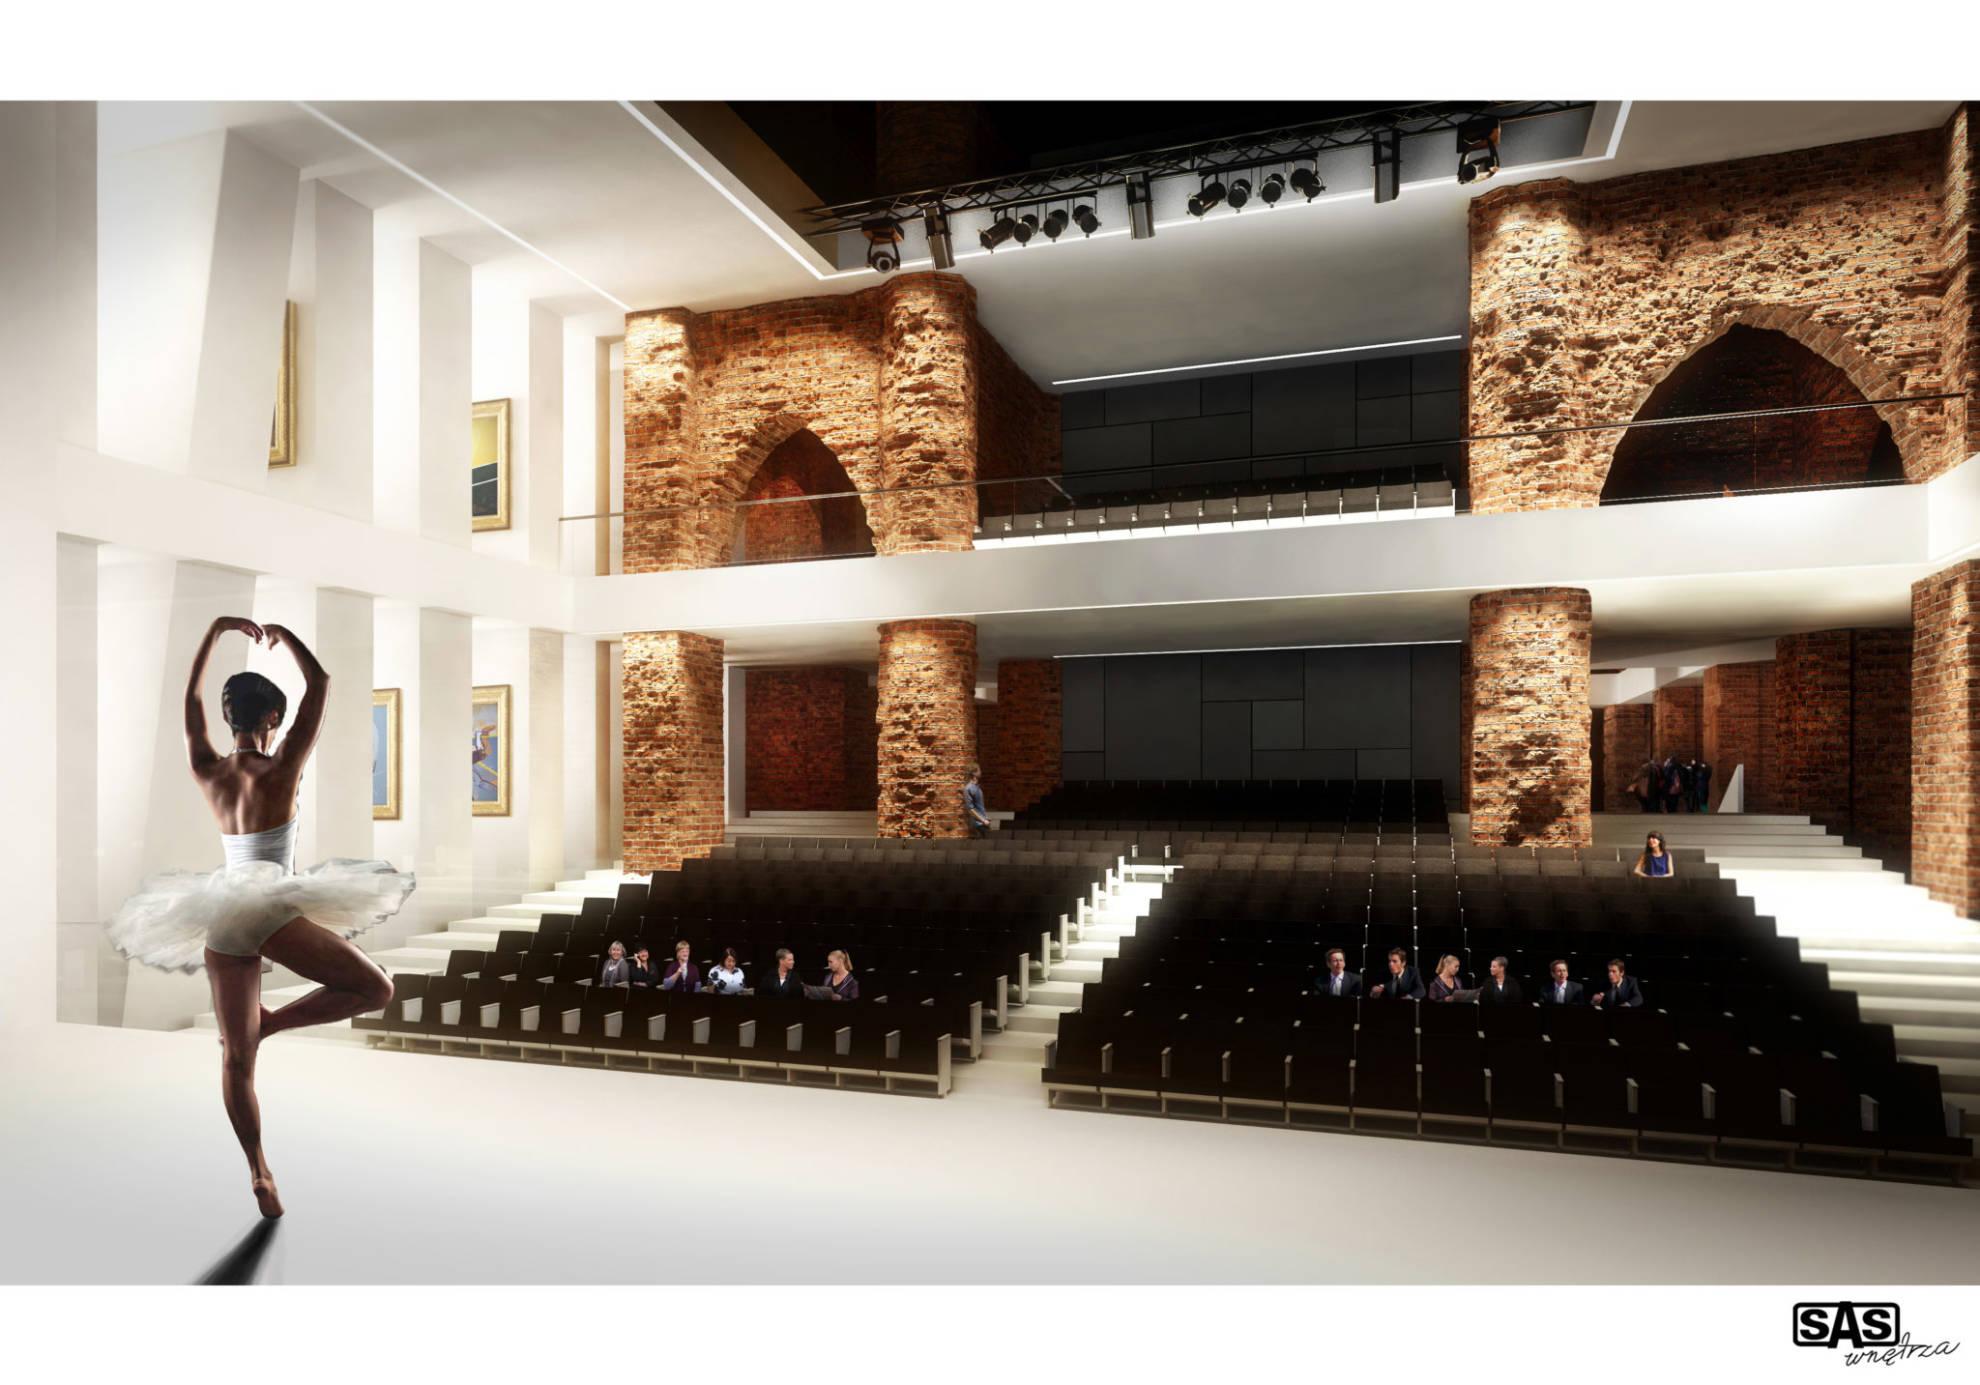 Projekt aranżacji przestrzeni publicznej - architekt wnętrz Emilia Strzempek Plasun